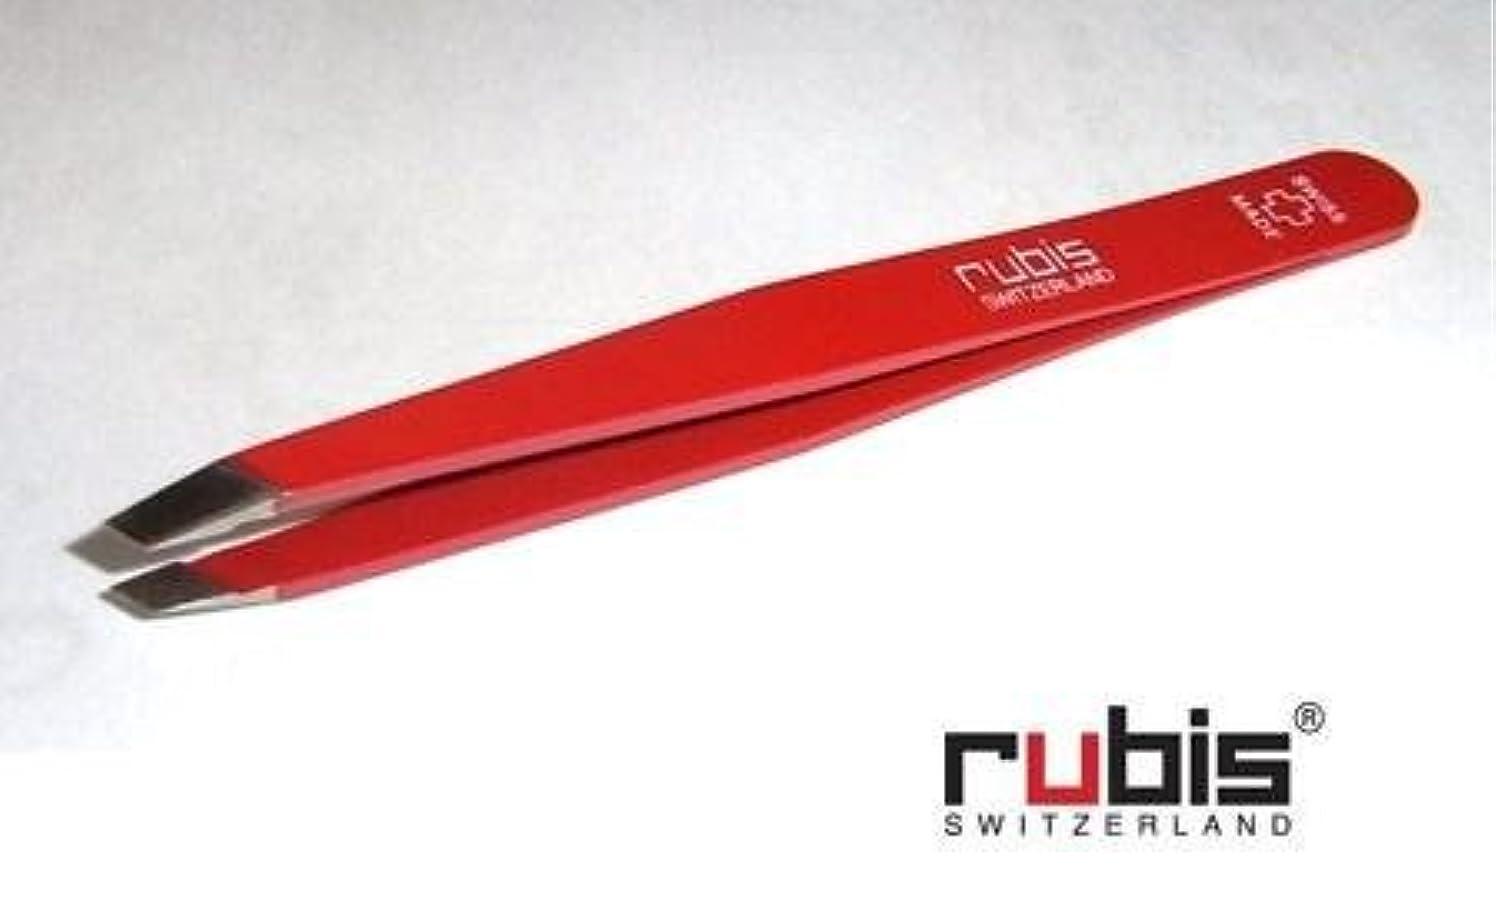 ルビス(スイス) ツイザー95mm(先斜)スイスクロス赤